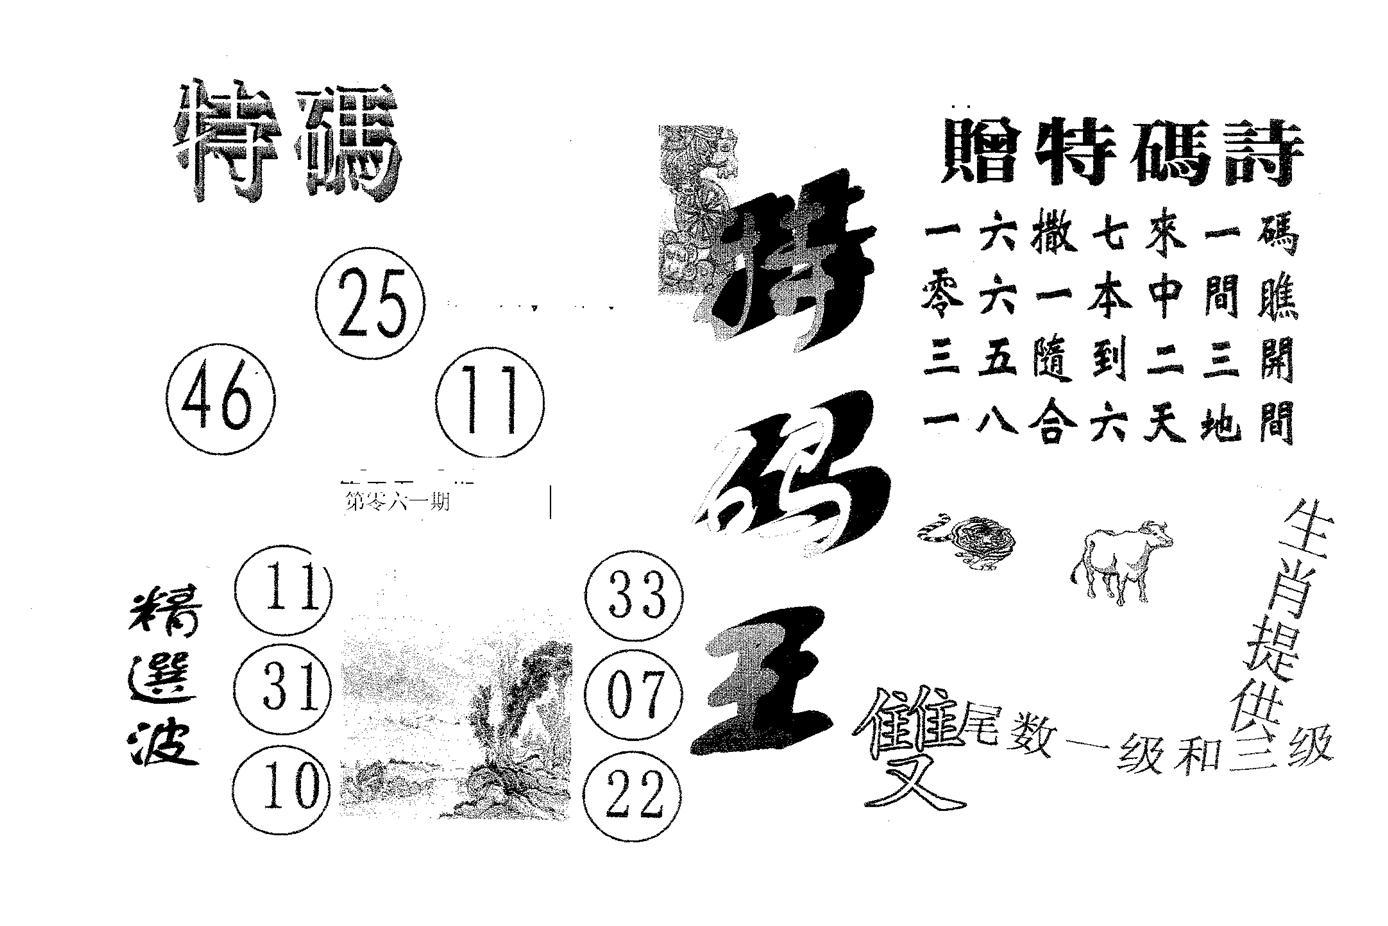 061期特码王B(黑白)